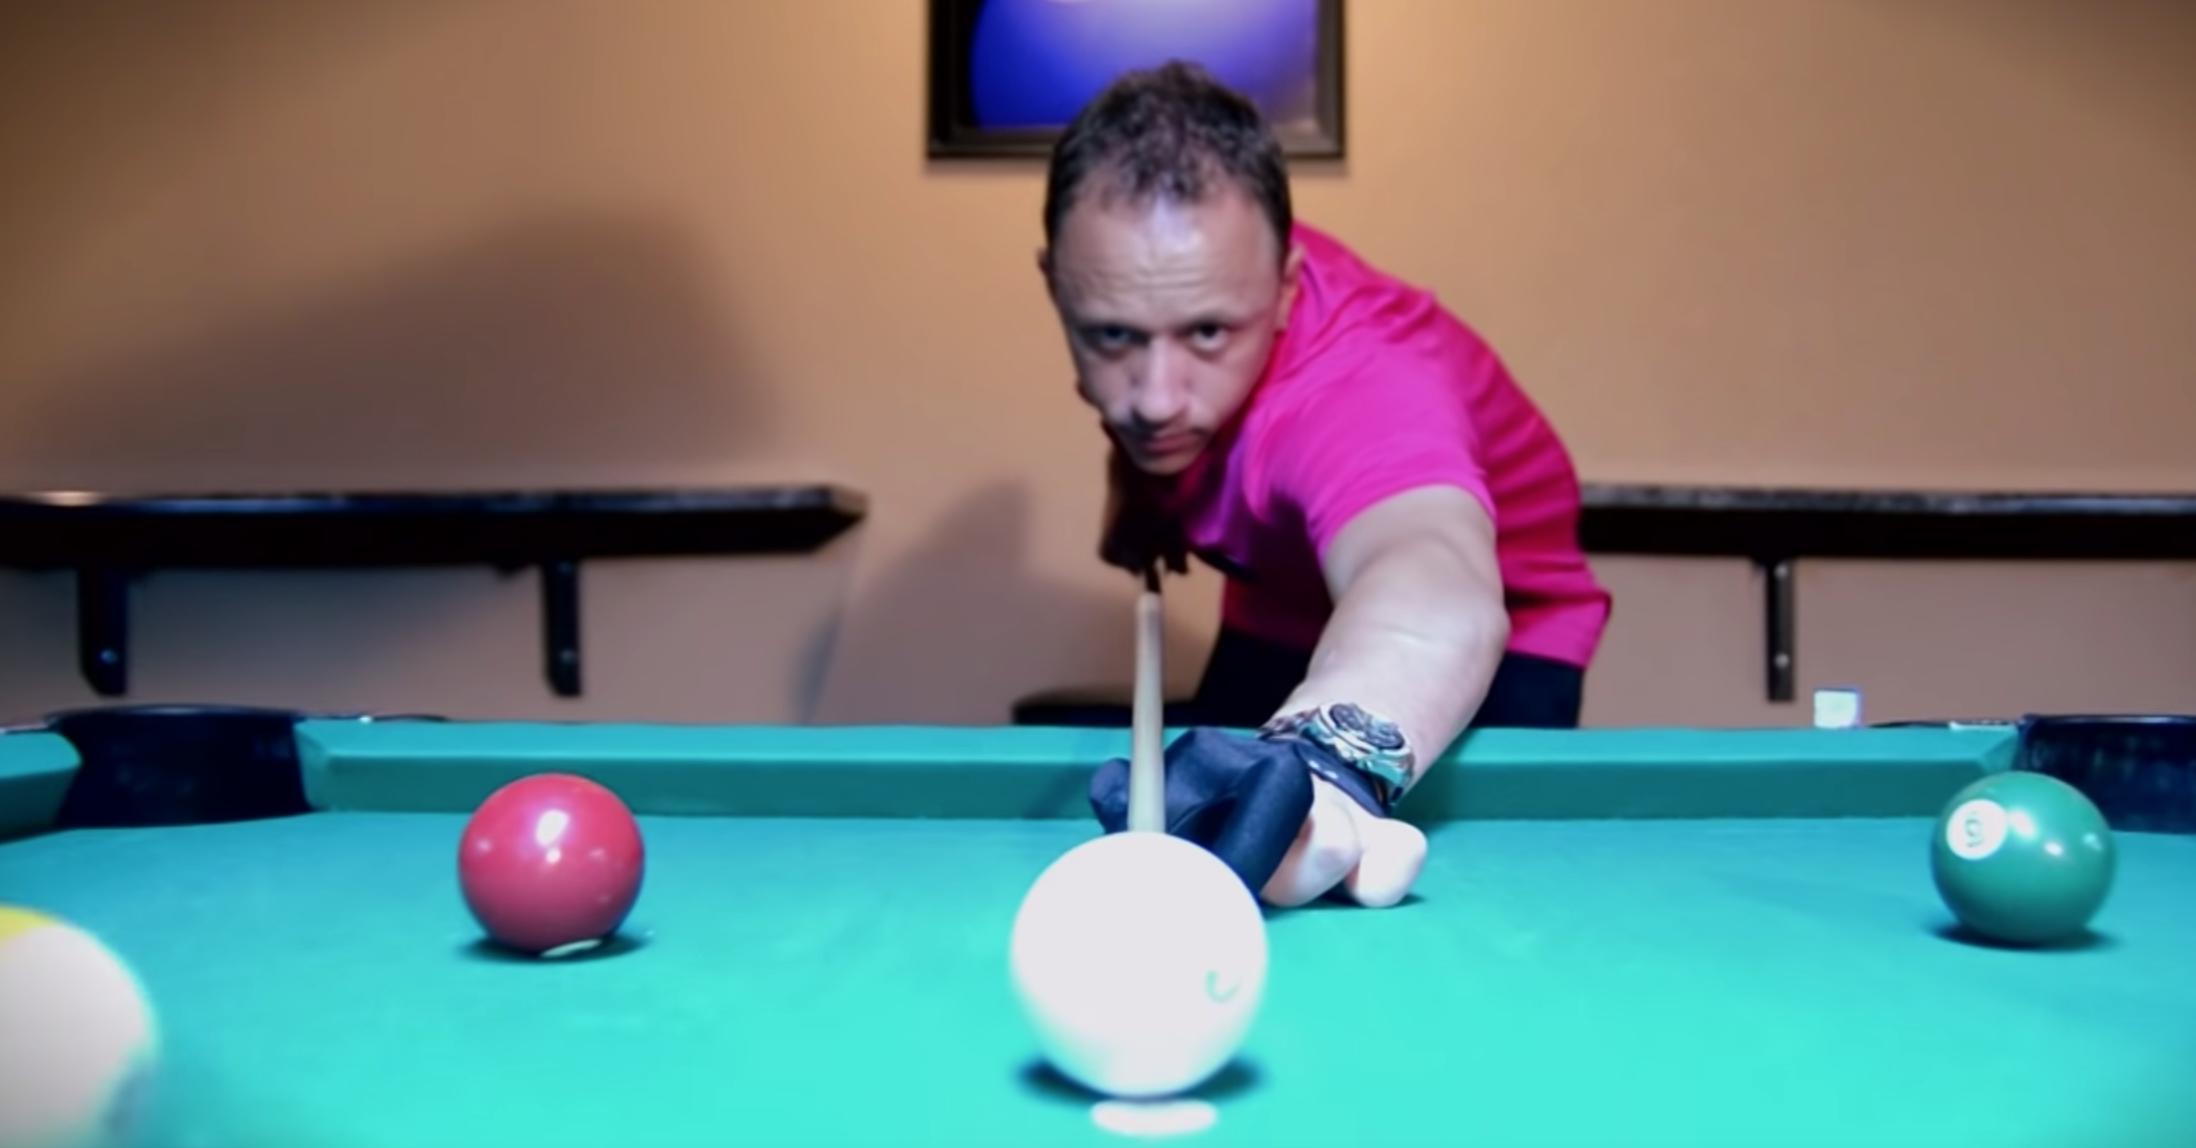 Pool player Shane Van Boening